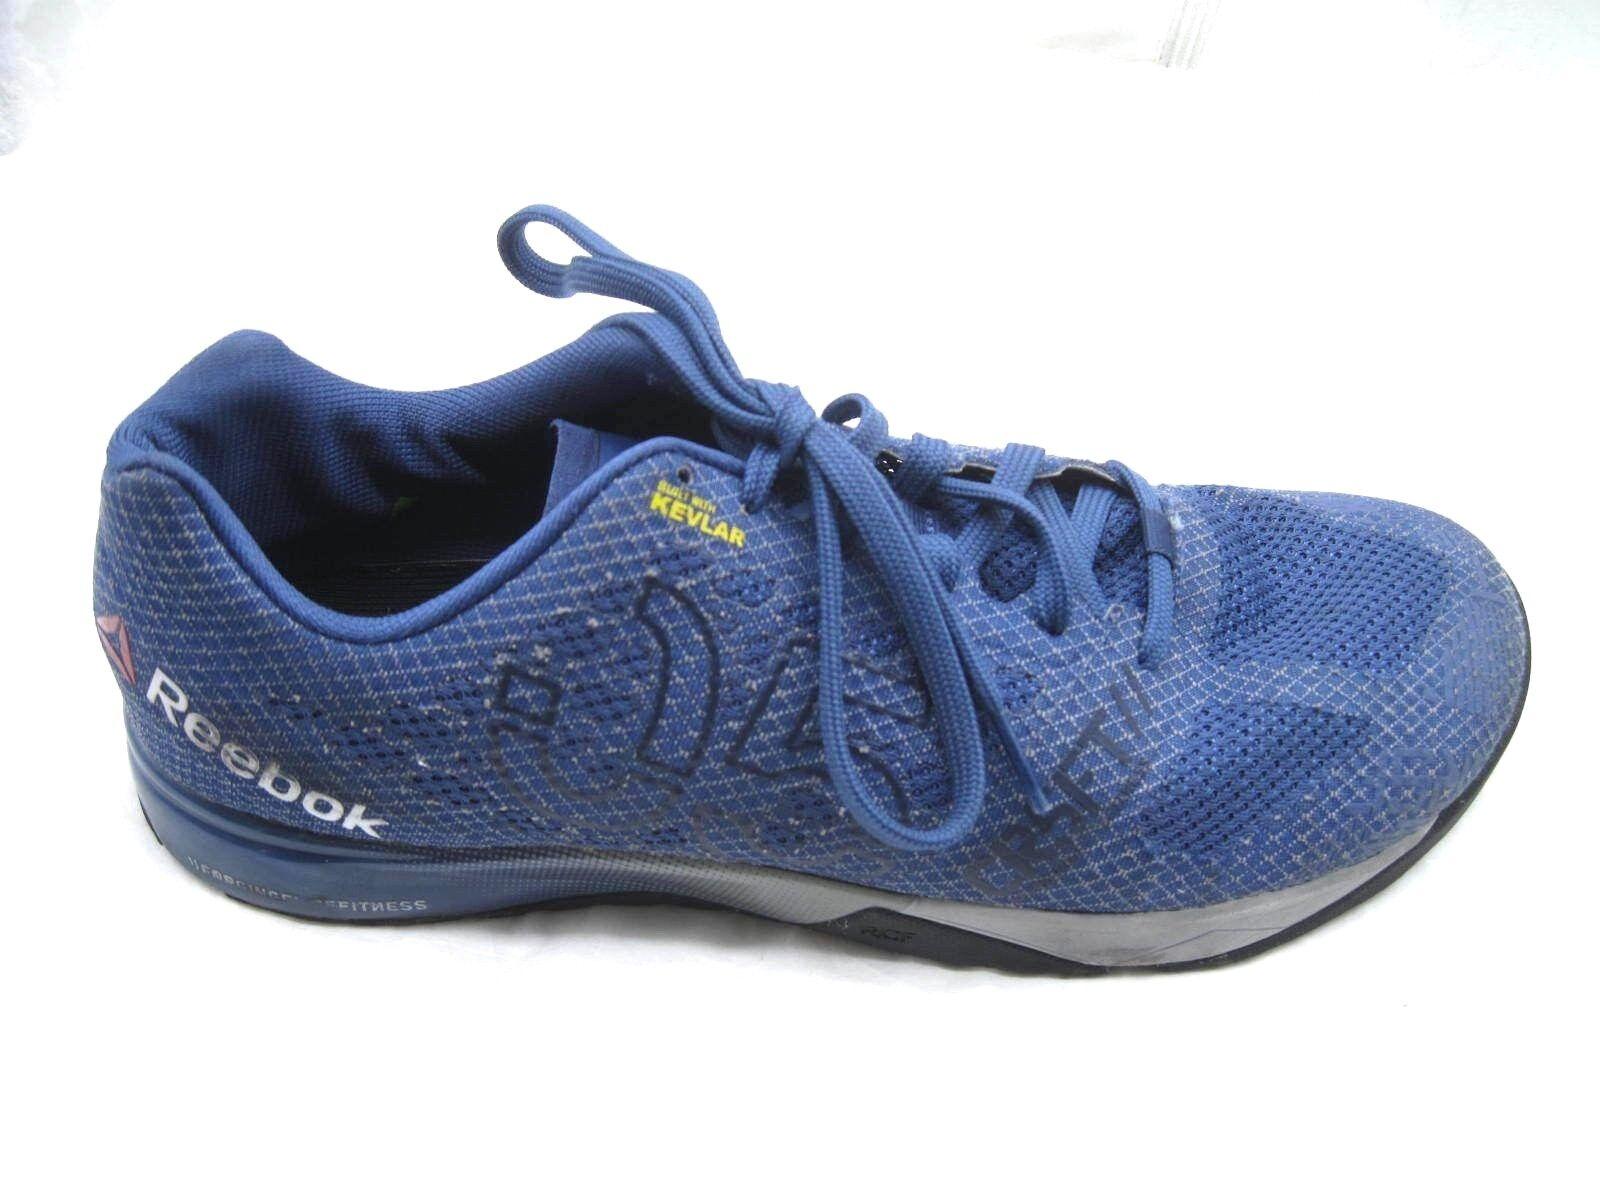 Reebok Crossfit bluee cross training mens tennis sneakers athletic shoes sz 11.5D